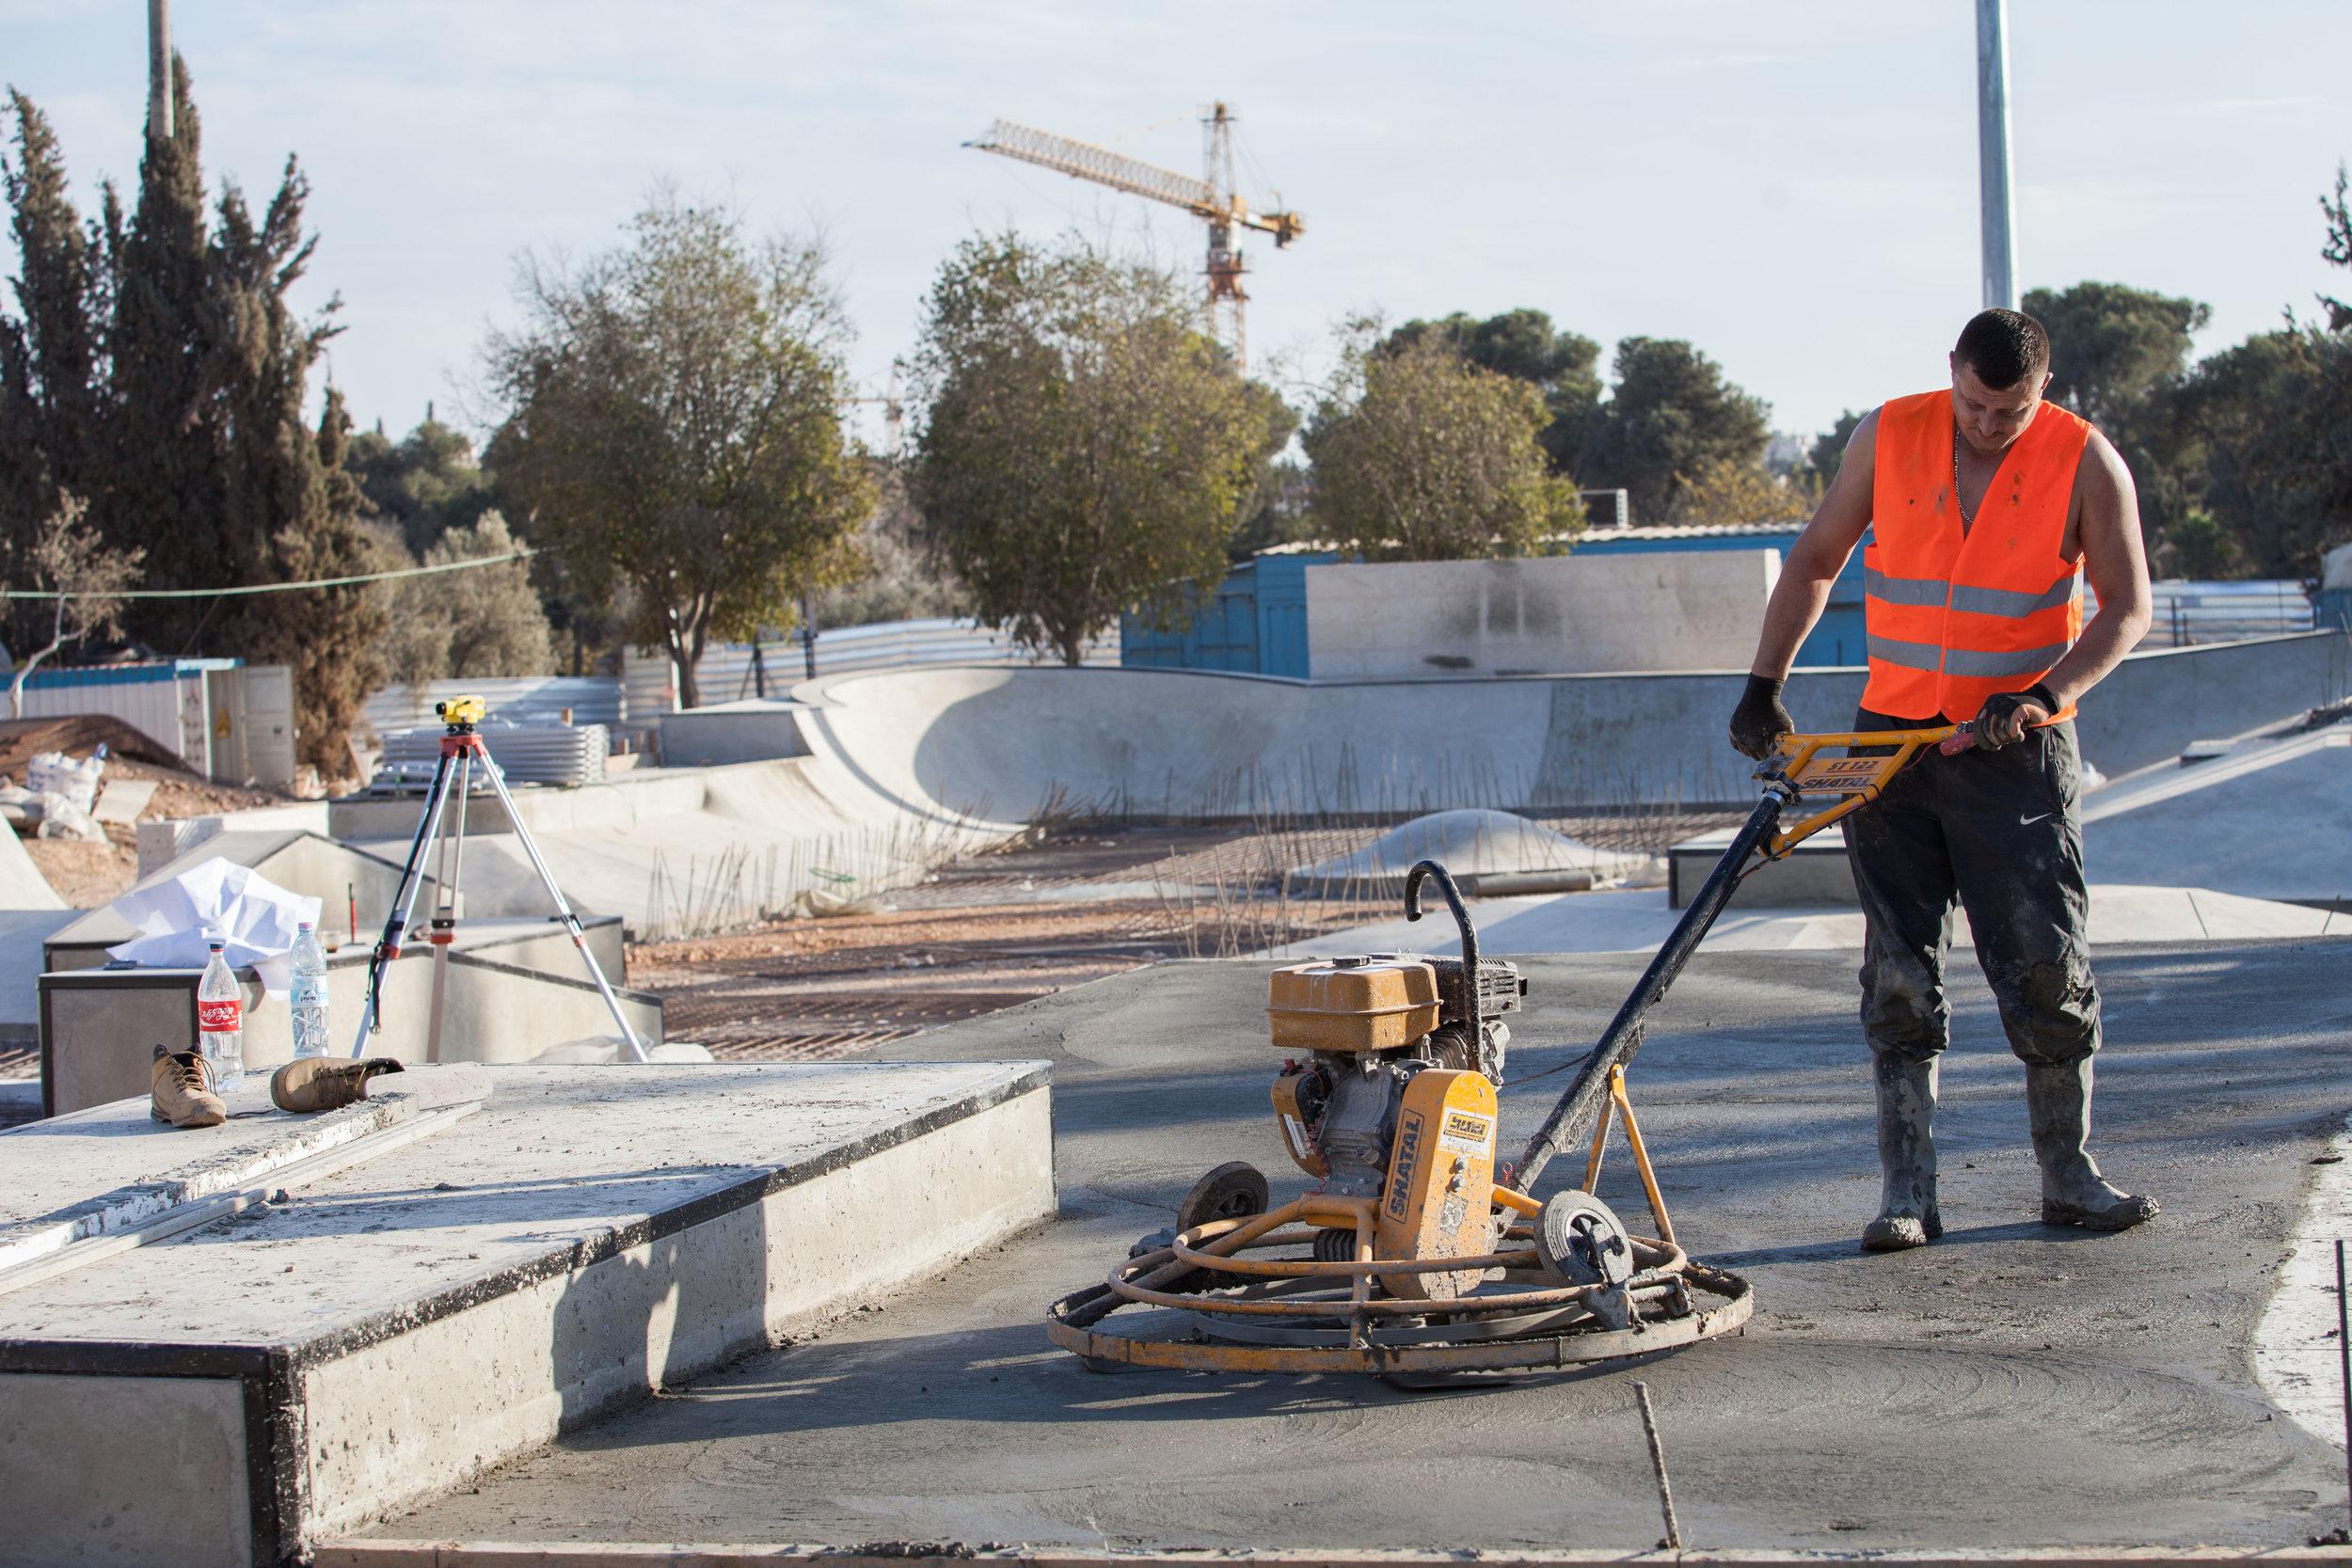 noamrf-skatepark 28.jpg